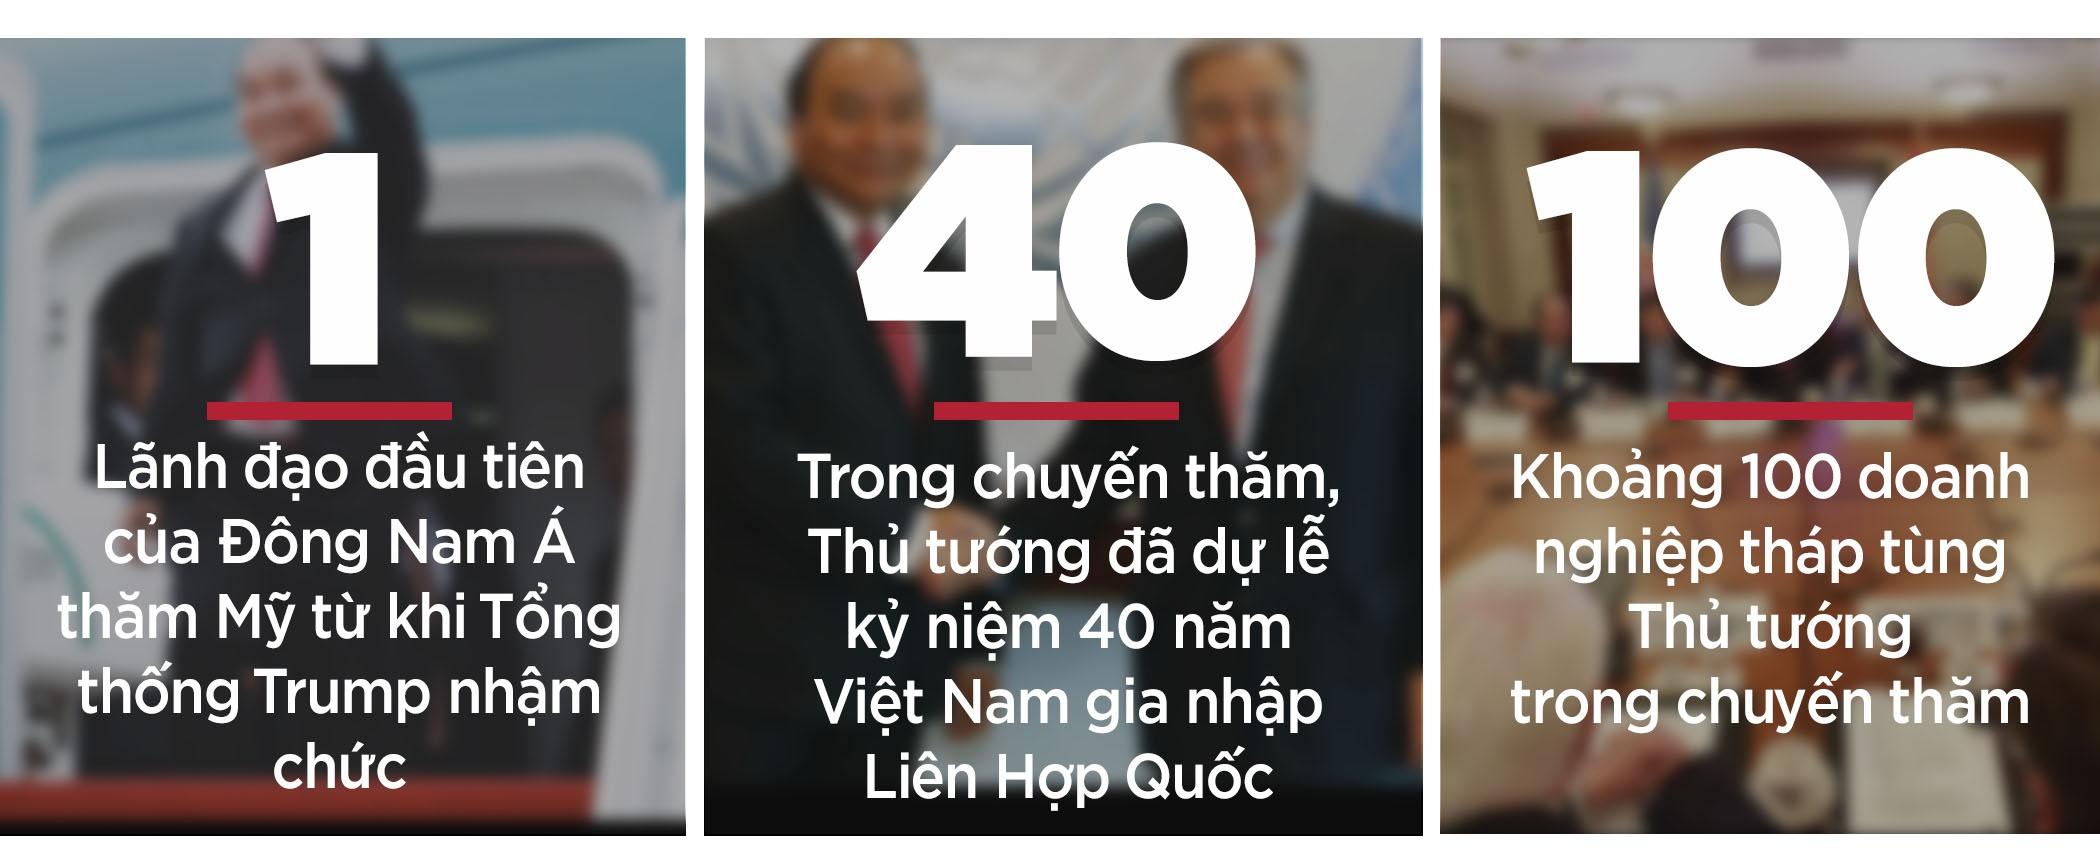 Toan canh chuyen tham My cua Thu tuong Nguyen Xuan Phuc hinh anh 7